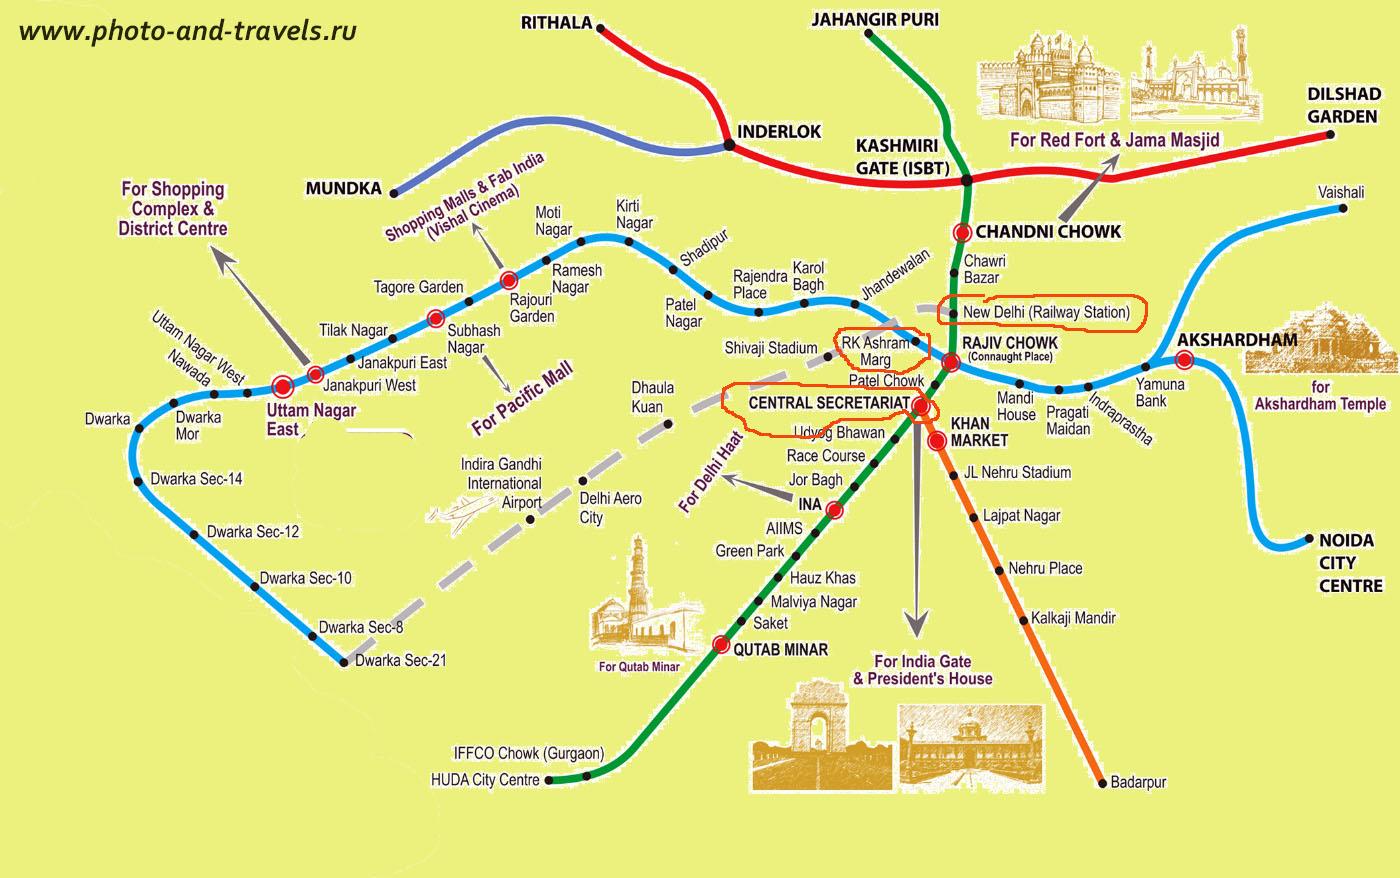 Карта метро в Дели. К слову, в столице его называют именно Metro, а не Underground или Subway. Серая линия – схема движения аэроэкспресса из центра города в аэропорт и обратно.